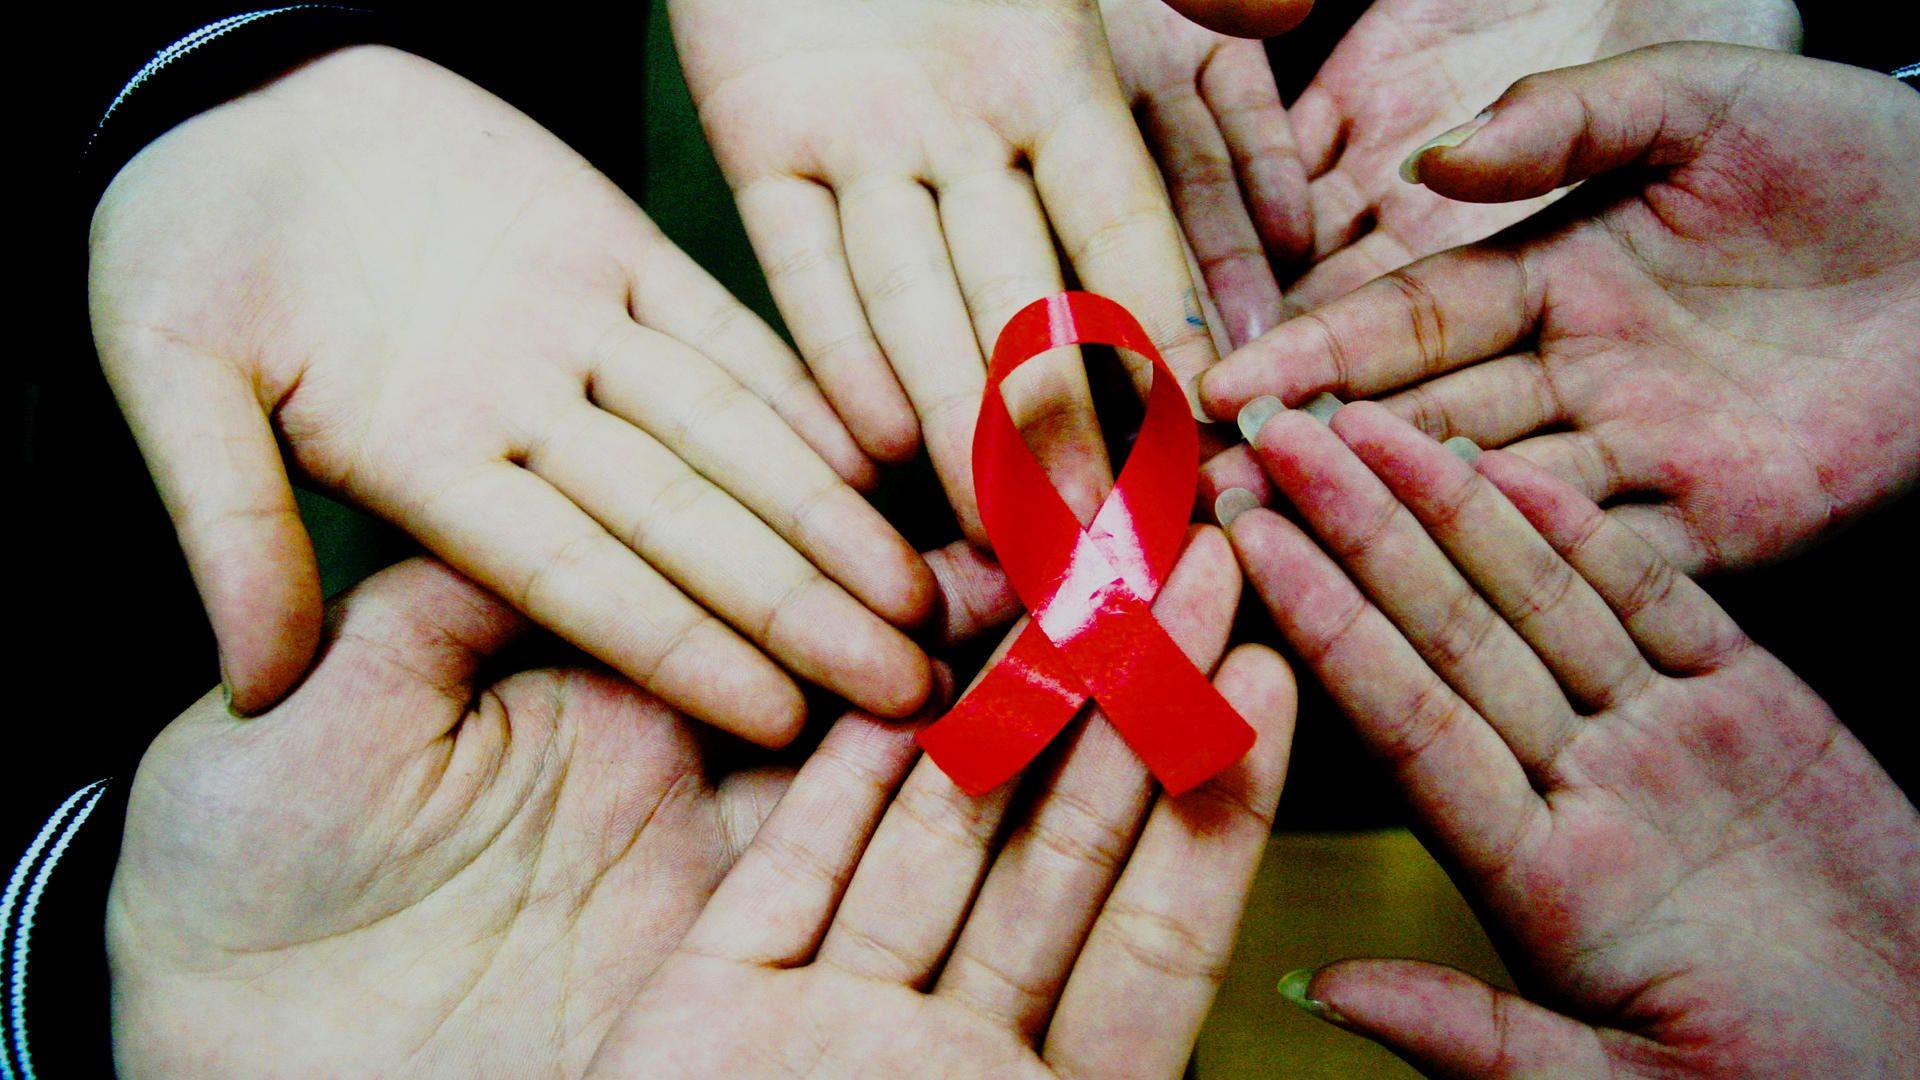 Mettitelo in testa, la geniale campagna per la lotta all'AIDS